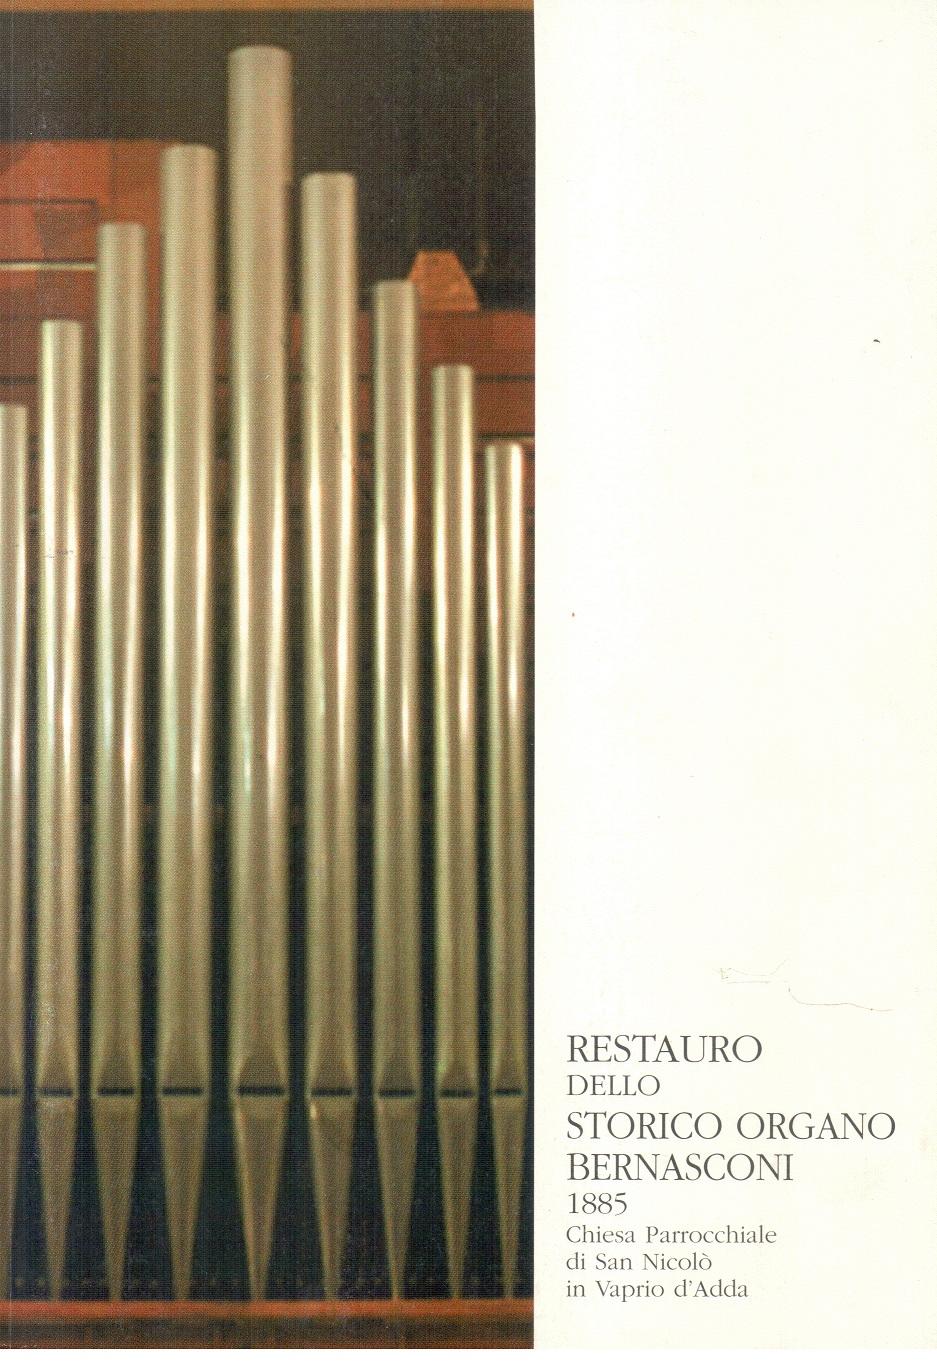 Restauro dello storico organo Bernasconi 1885